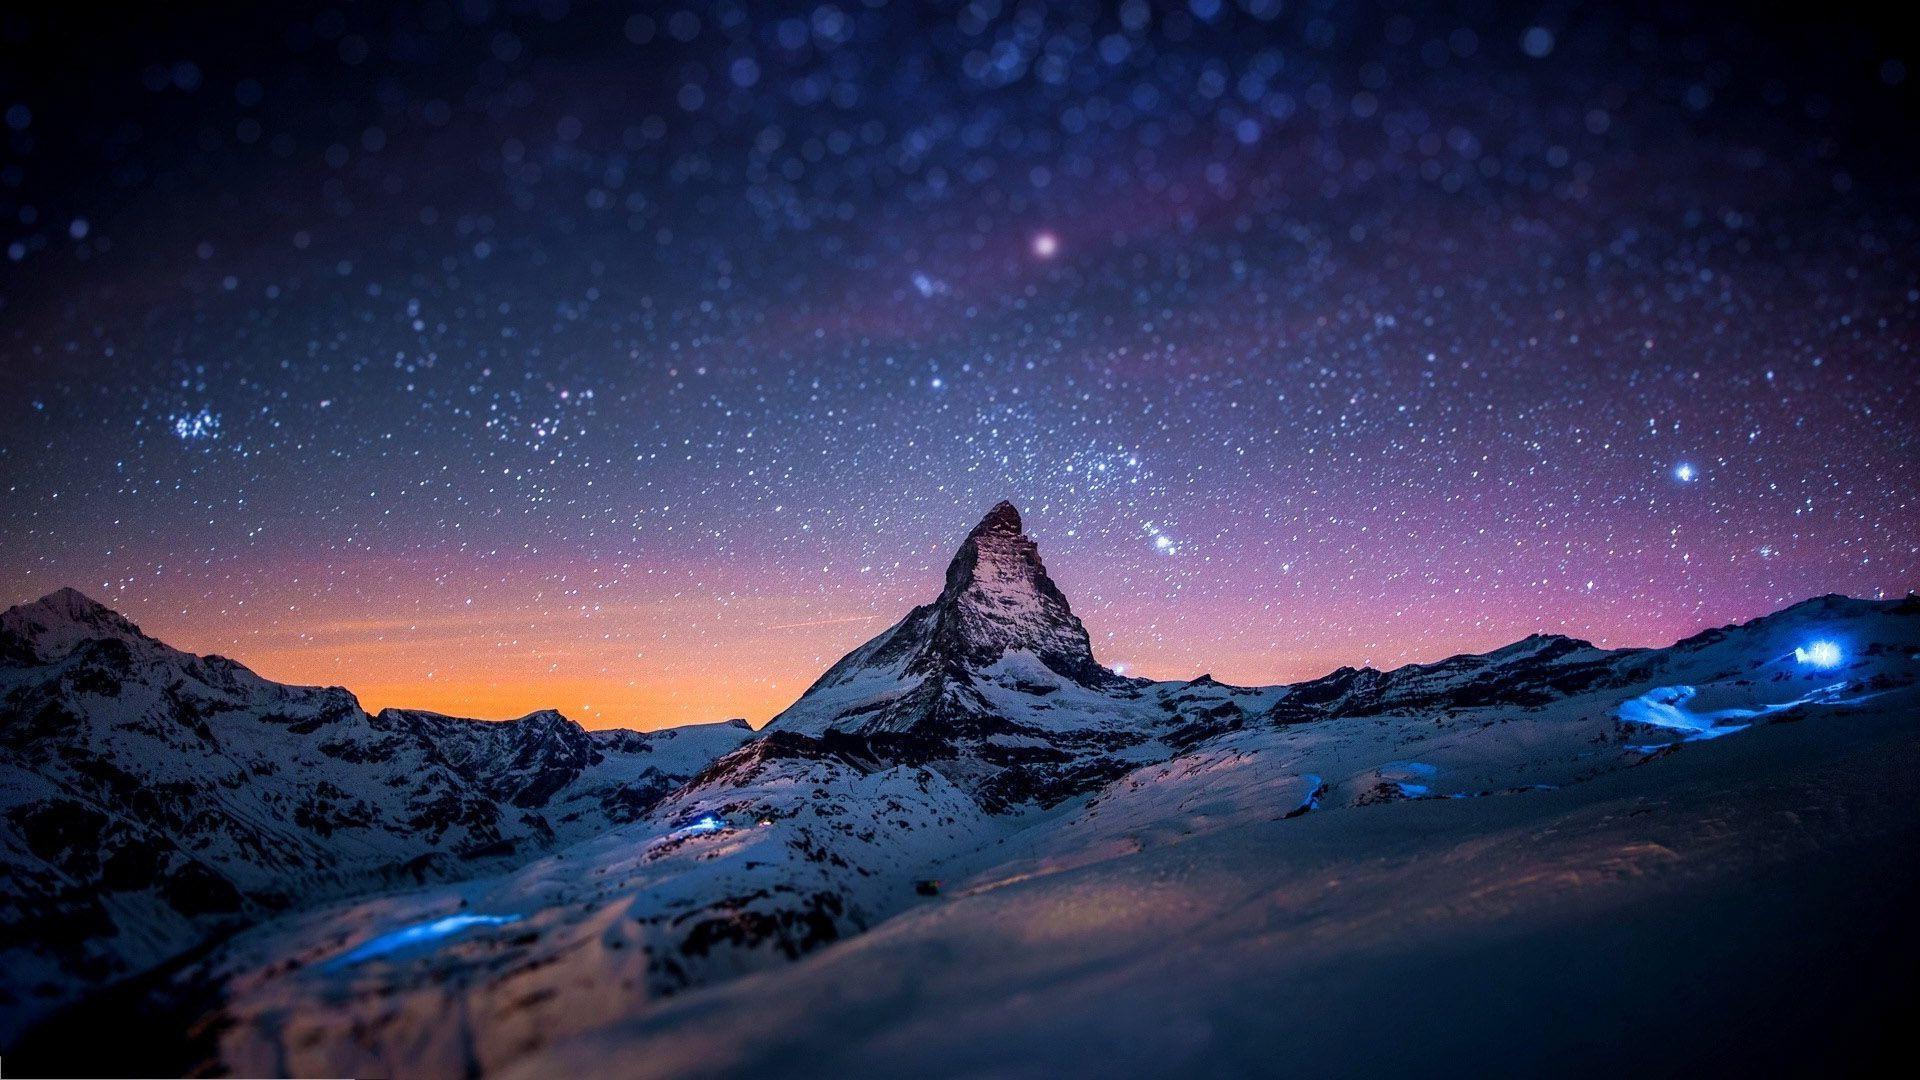 Hình ảnh HD 1920x1080 Mountain In Night